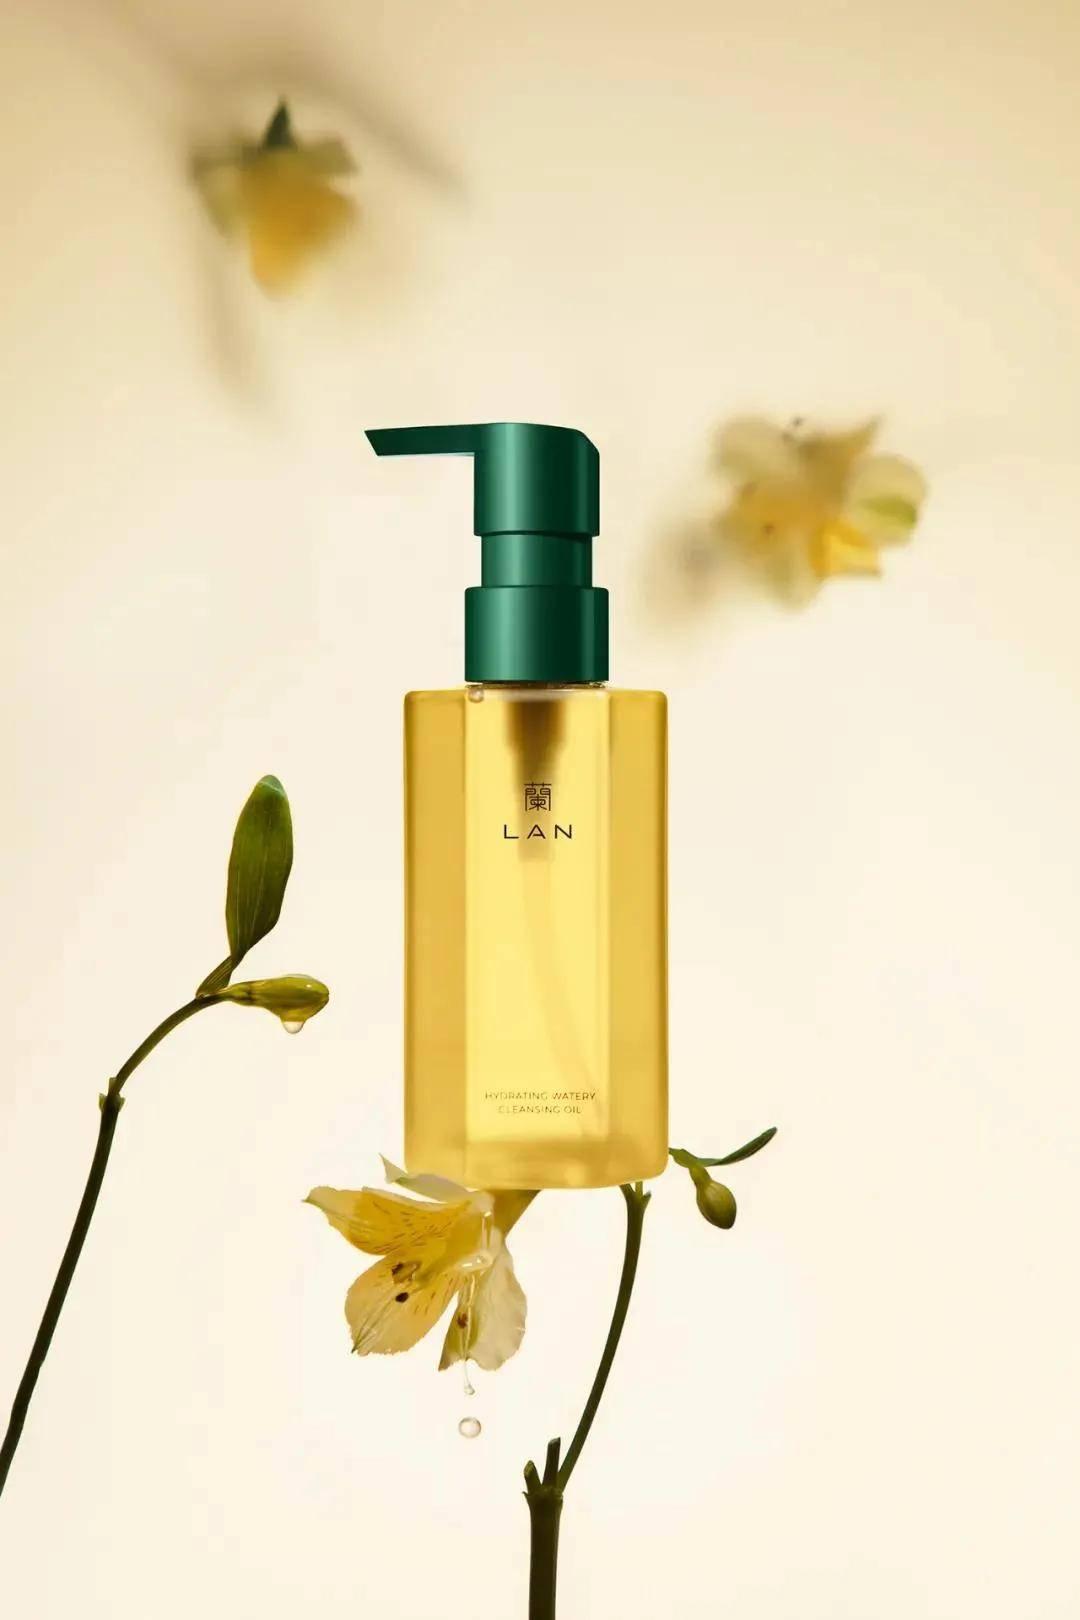 国内Clean Beauty首倡者之一,纯净护肤品牌「兰」获2亿元融资